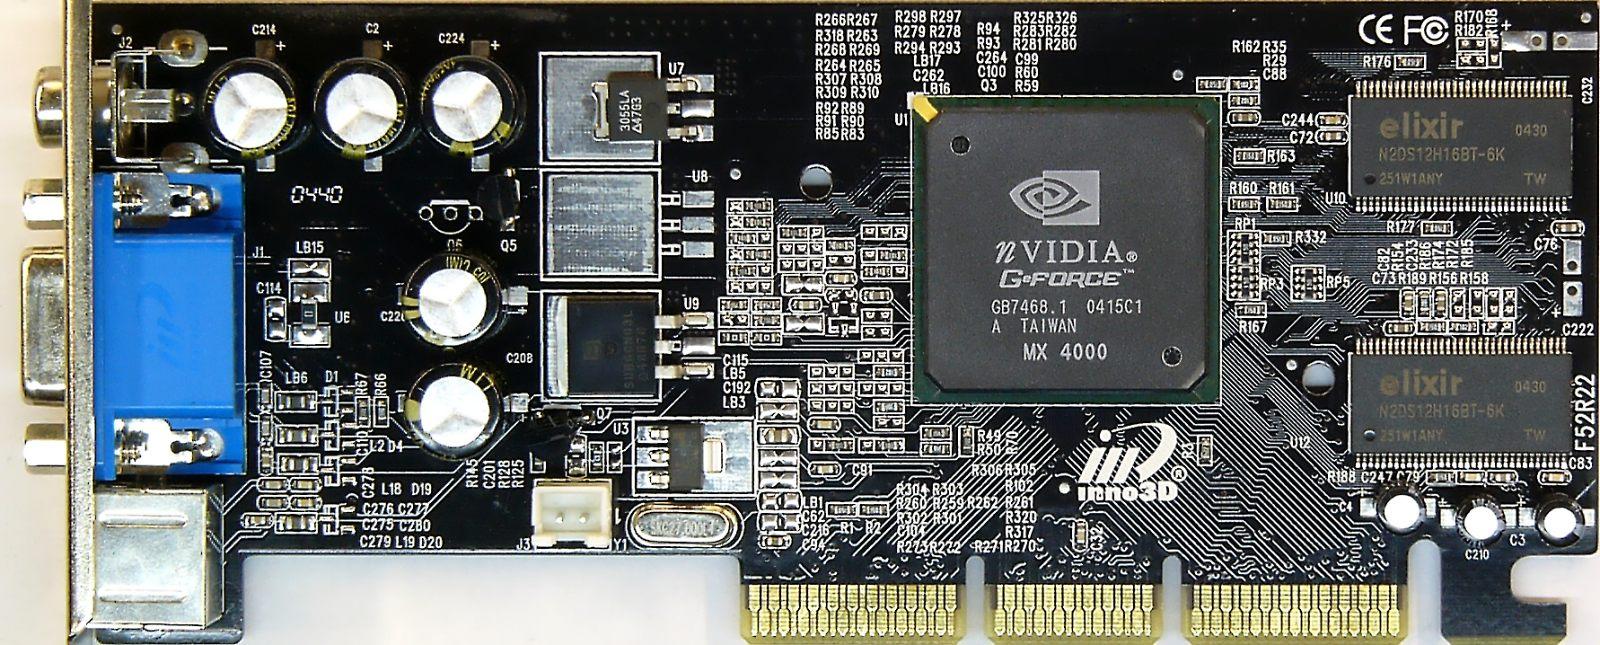 Скачать драйвер на nvidia geforce4 mx 4000